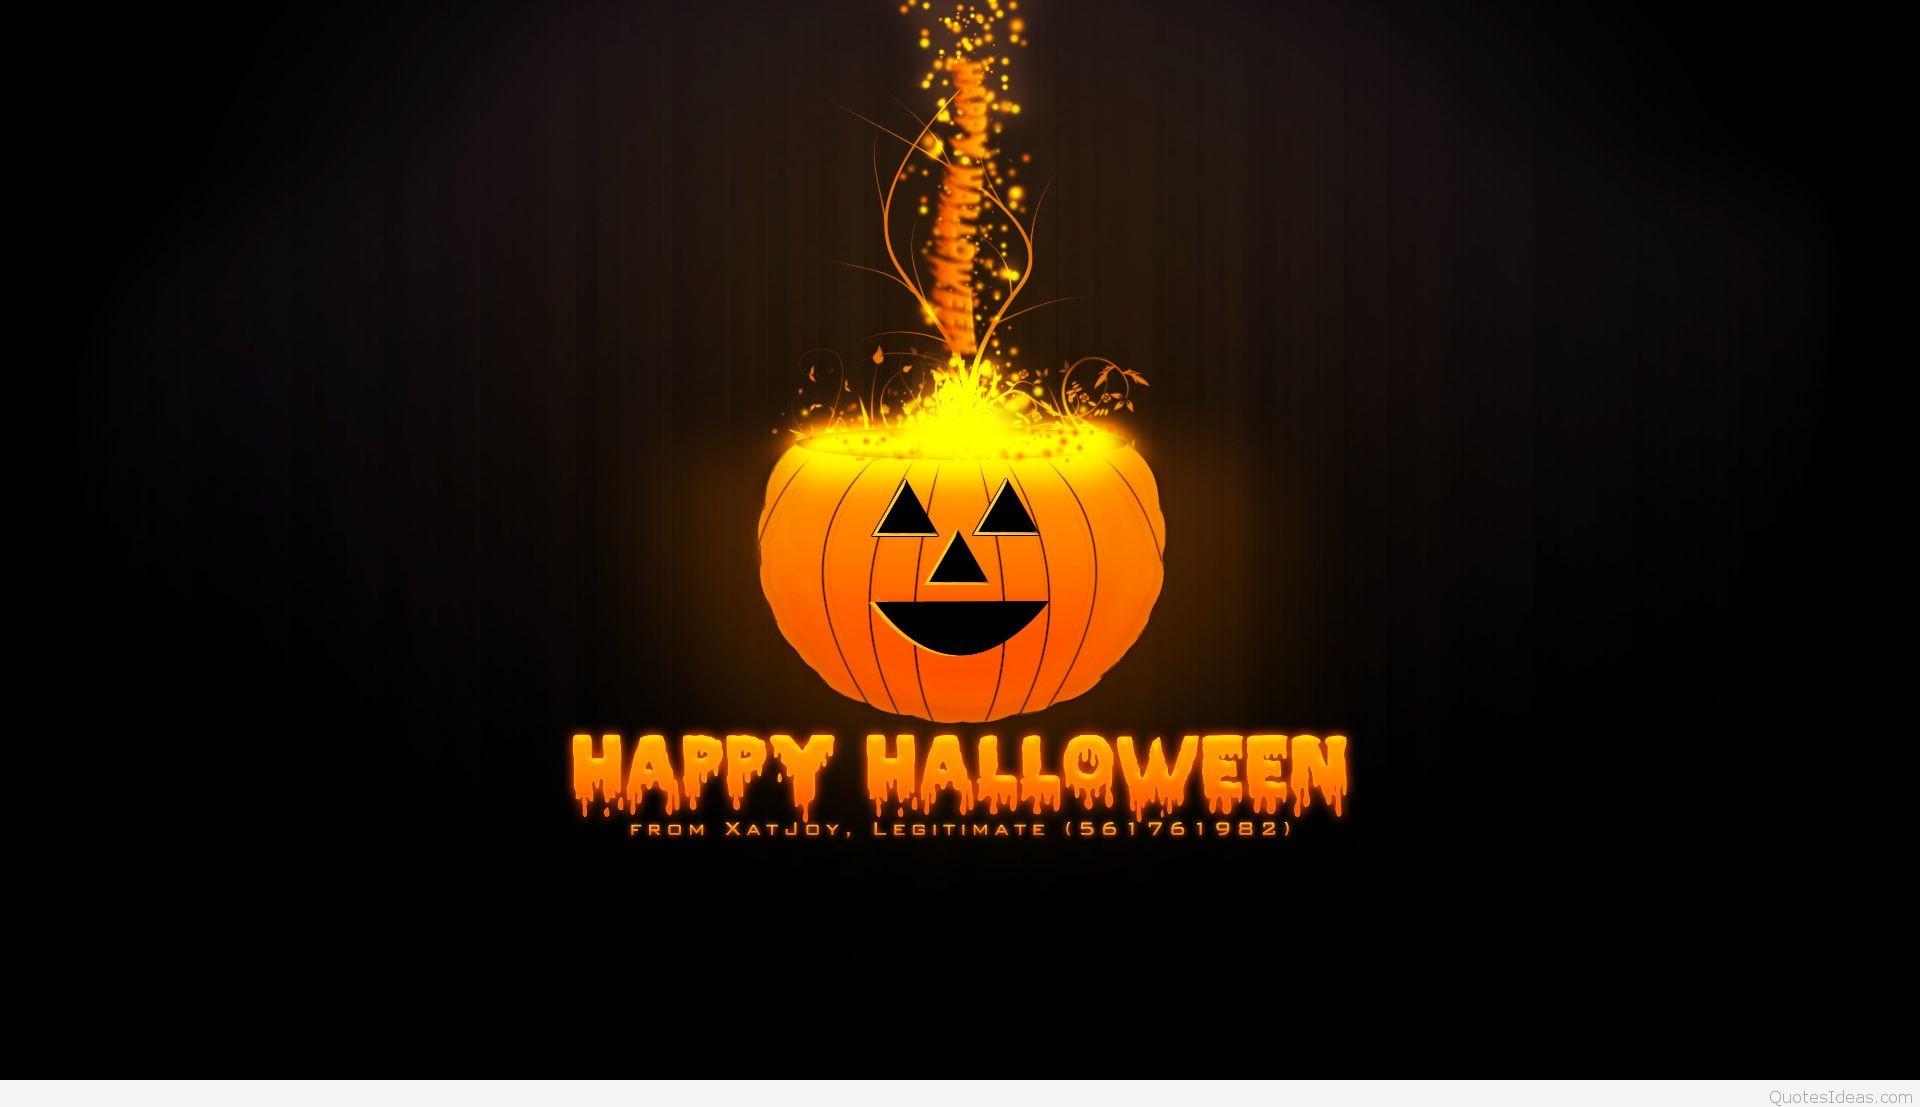 Halloween Desktop Background 69 Pictures